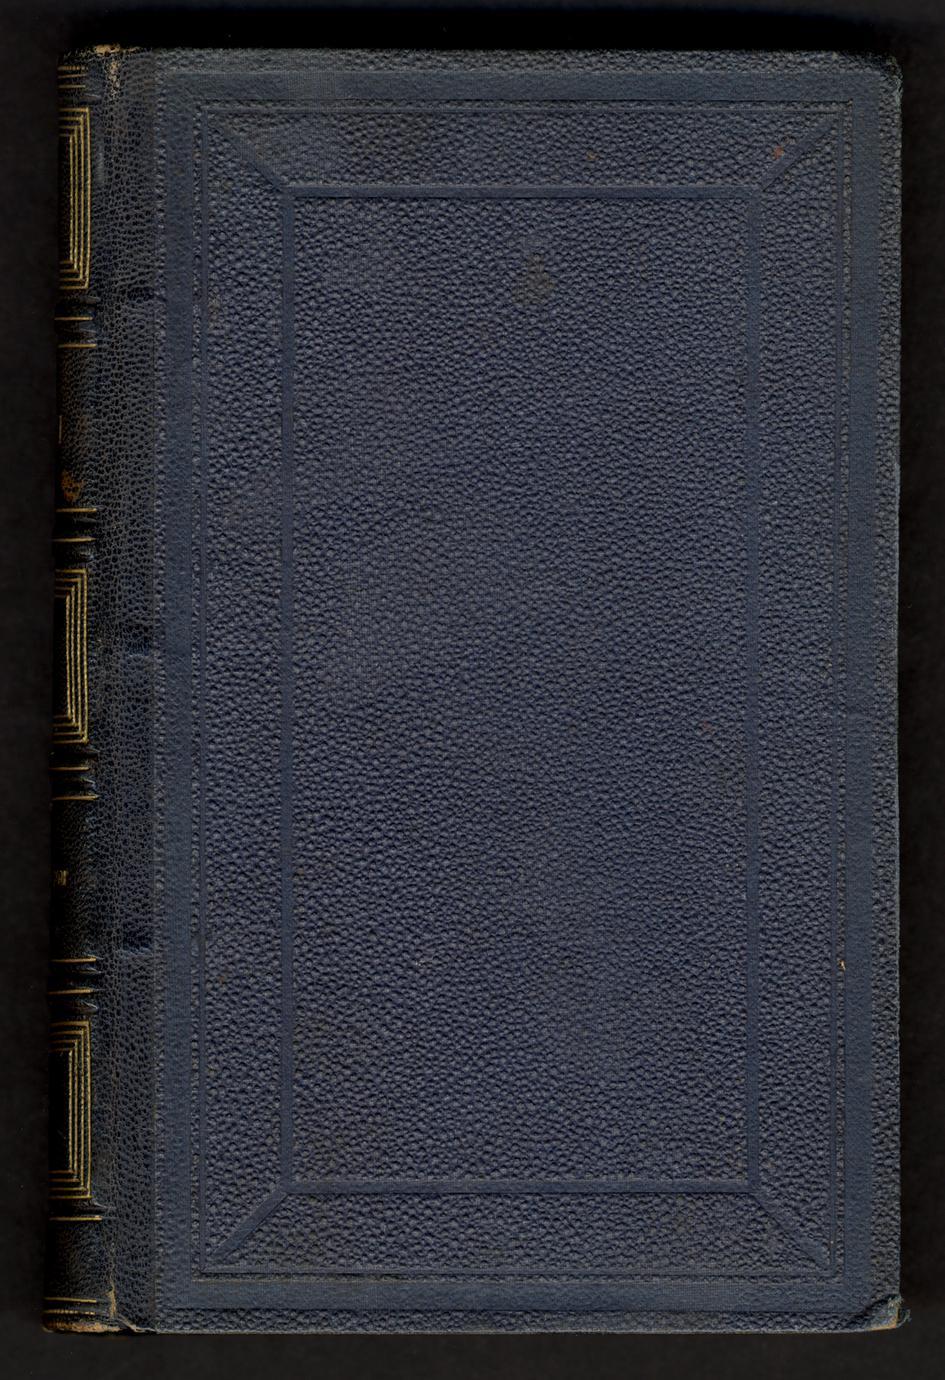 La case de l'Oncle Tom (1 of 3)